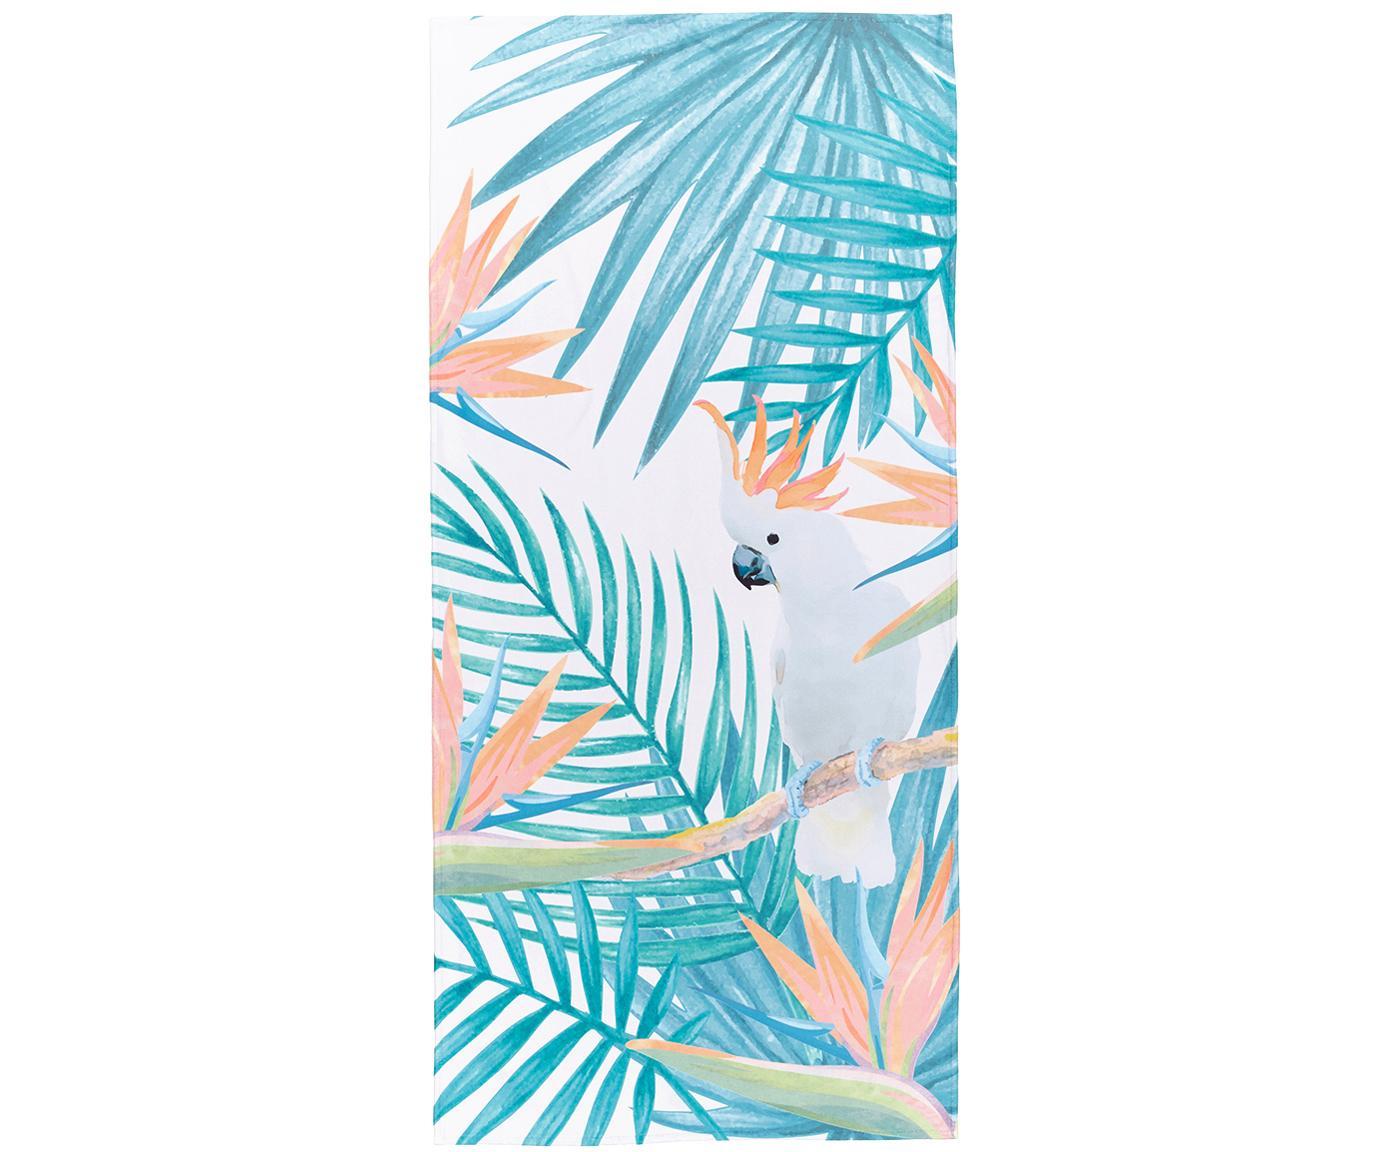 Telo mare leggero con stampa tropicale Tropic, 55% poliestere, 45% cotone, qualità molto leggera 340 g/m², Beige, verde, arancione, Larg. 70 x Lung. 150 cm